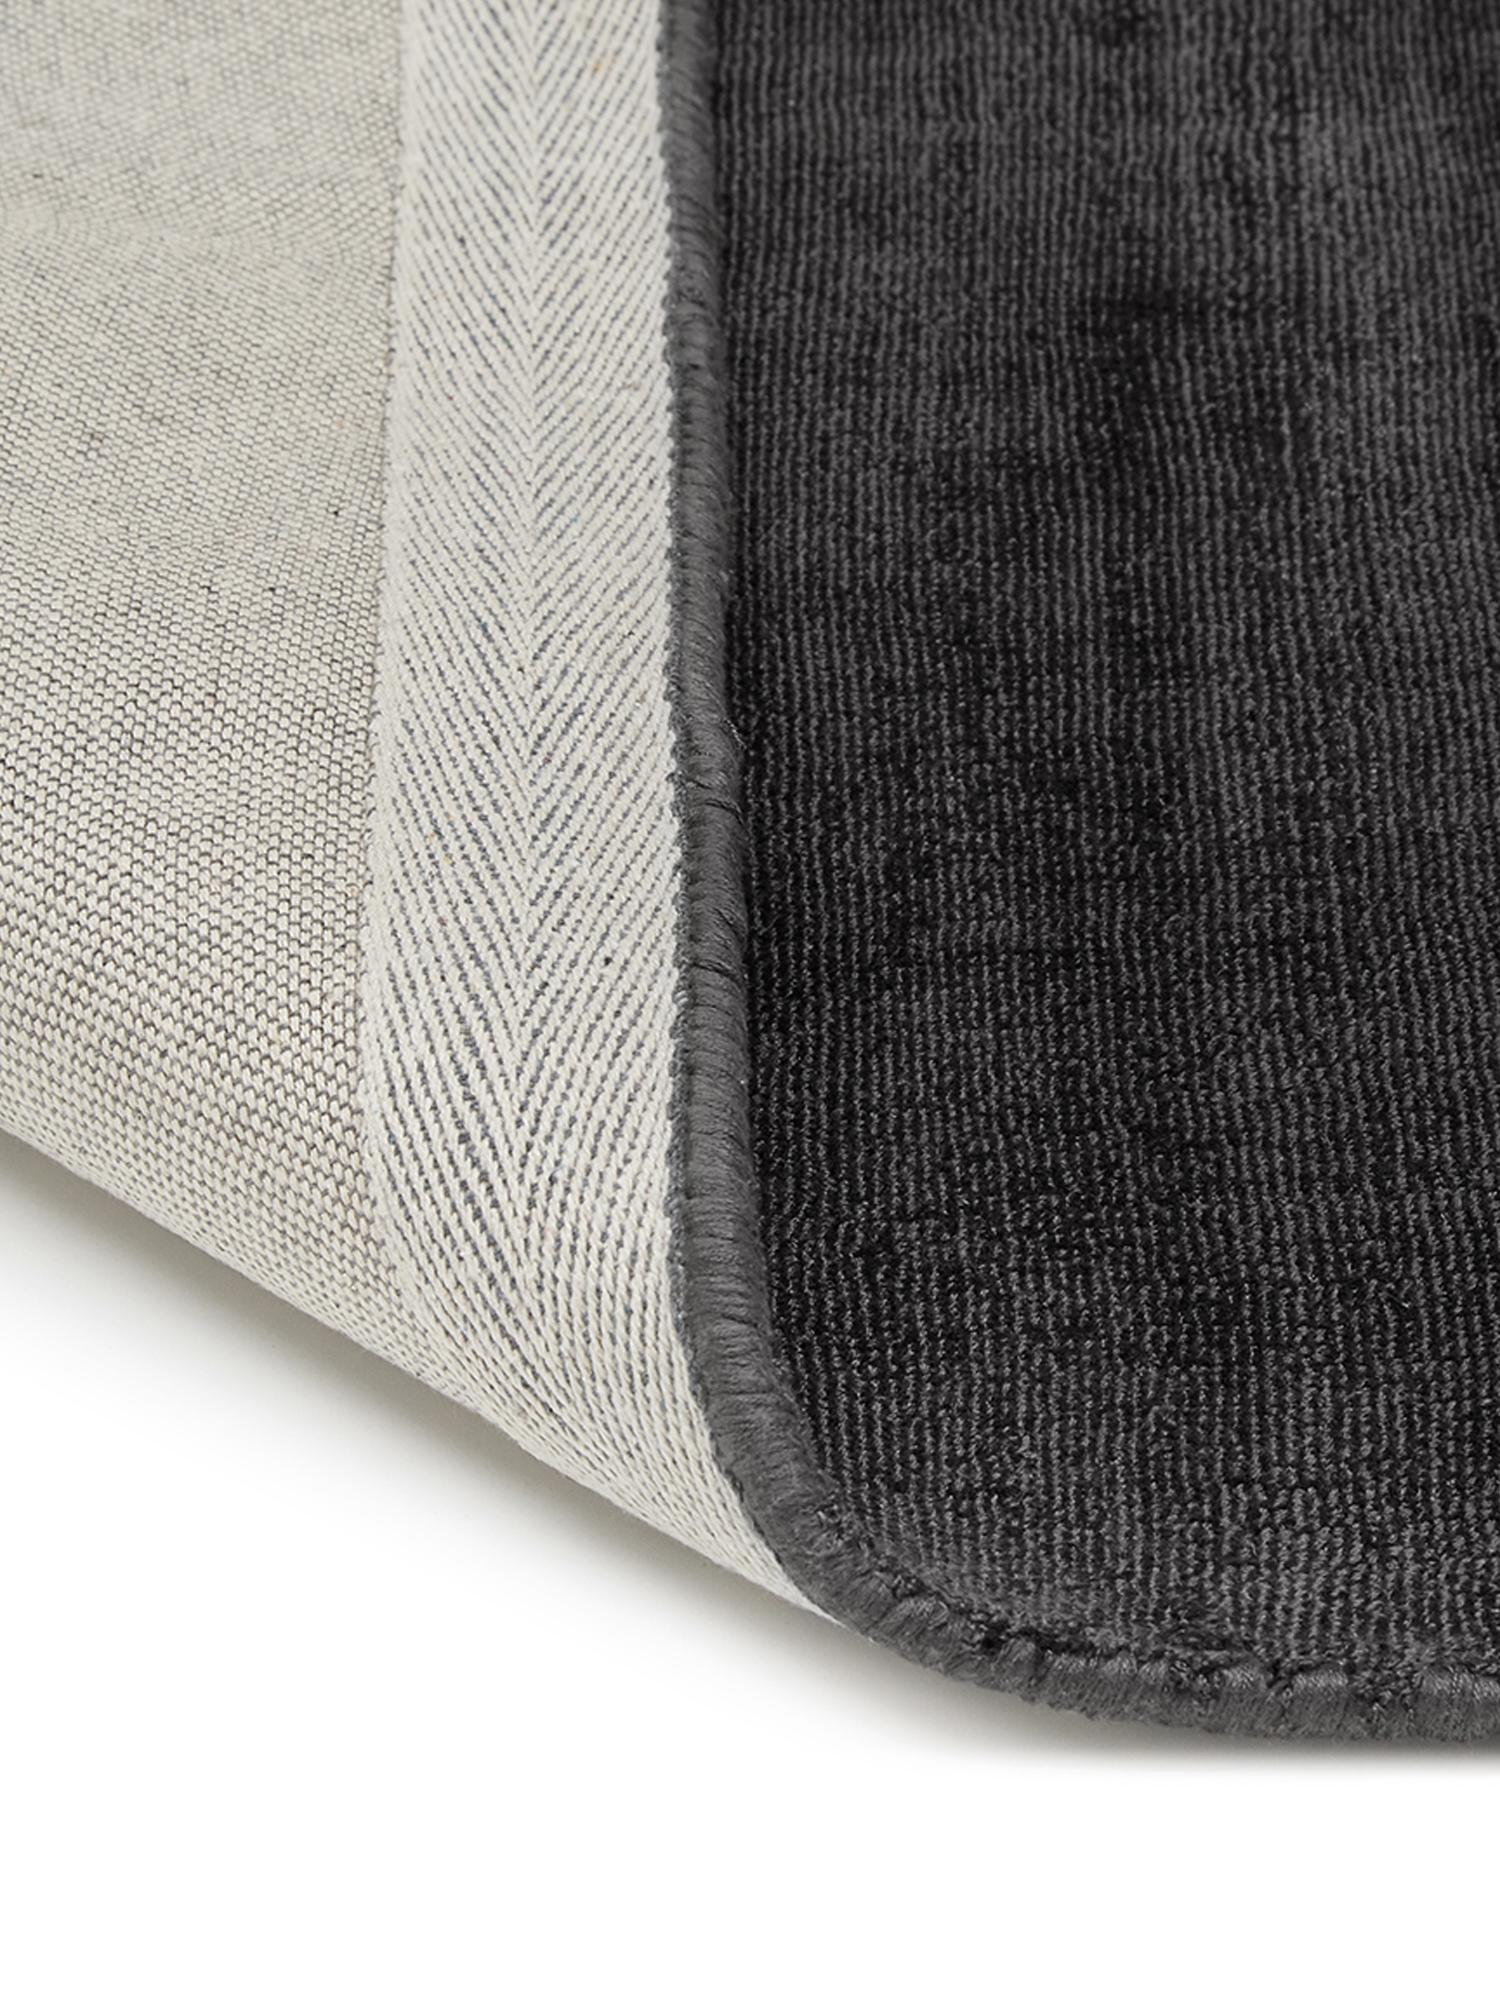 Tappeto in viscosa tessuto a mano Jane, Retro: 100% cotone, Nero antracite, Larg. 200 x Lung. 300 cm (taglia L)